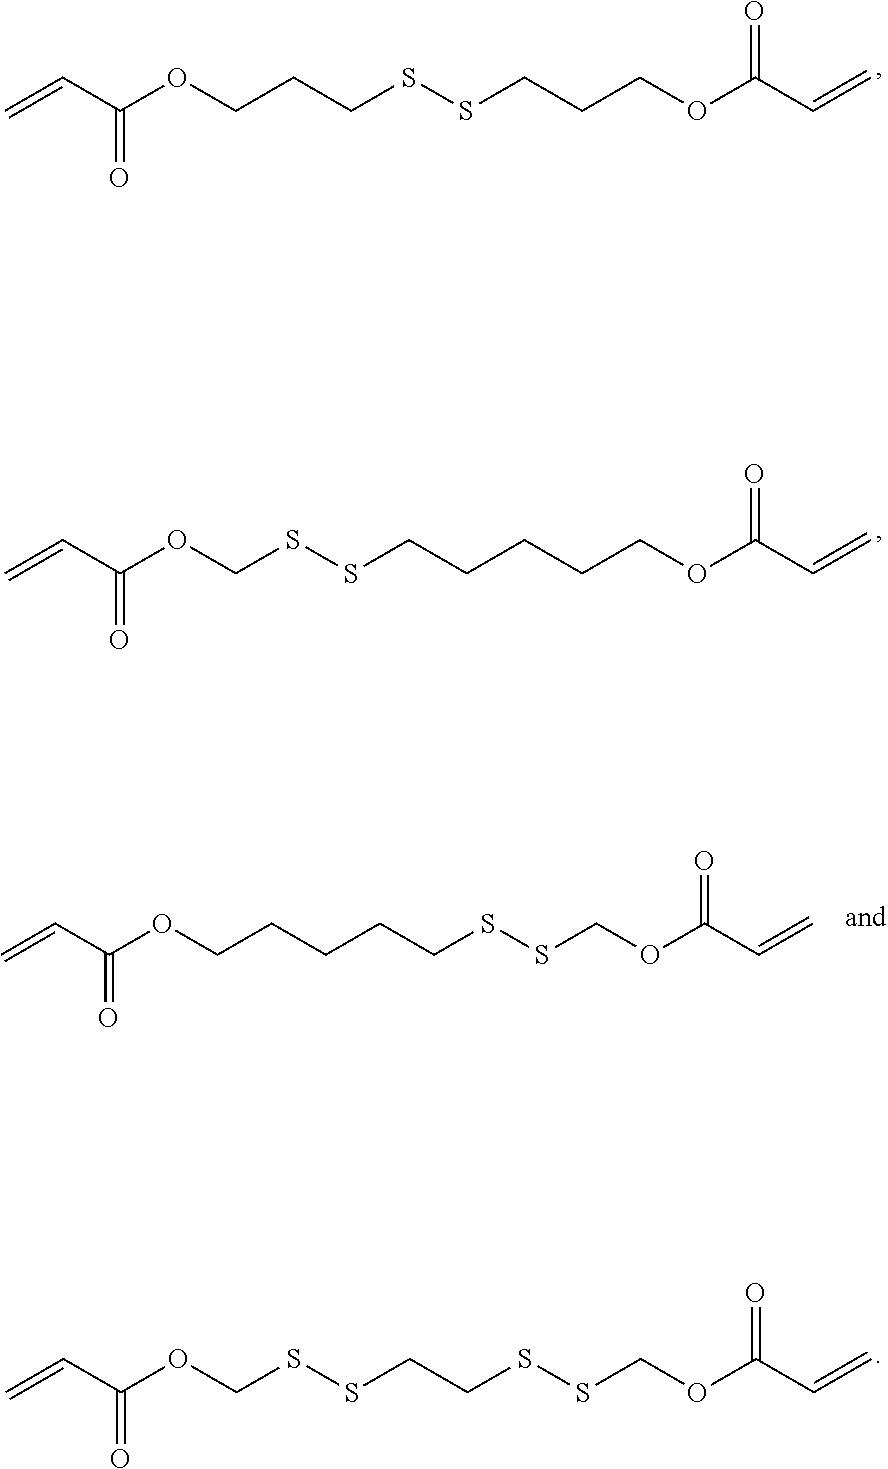 Figure US20150240262A1-20150827-C00008